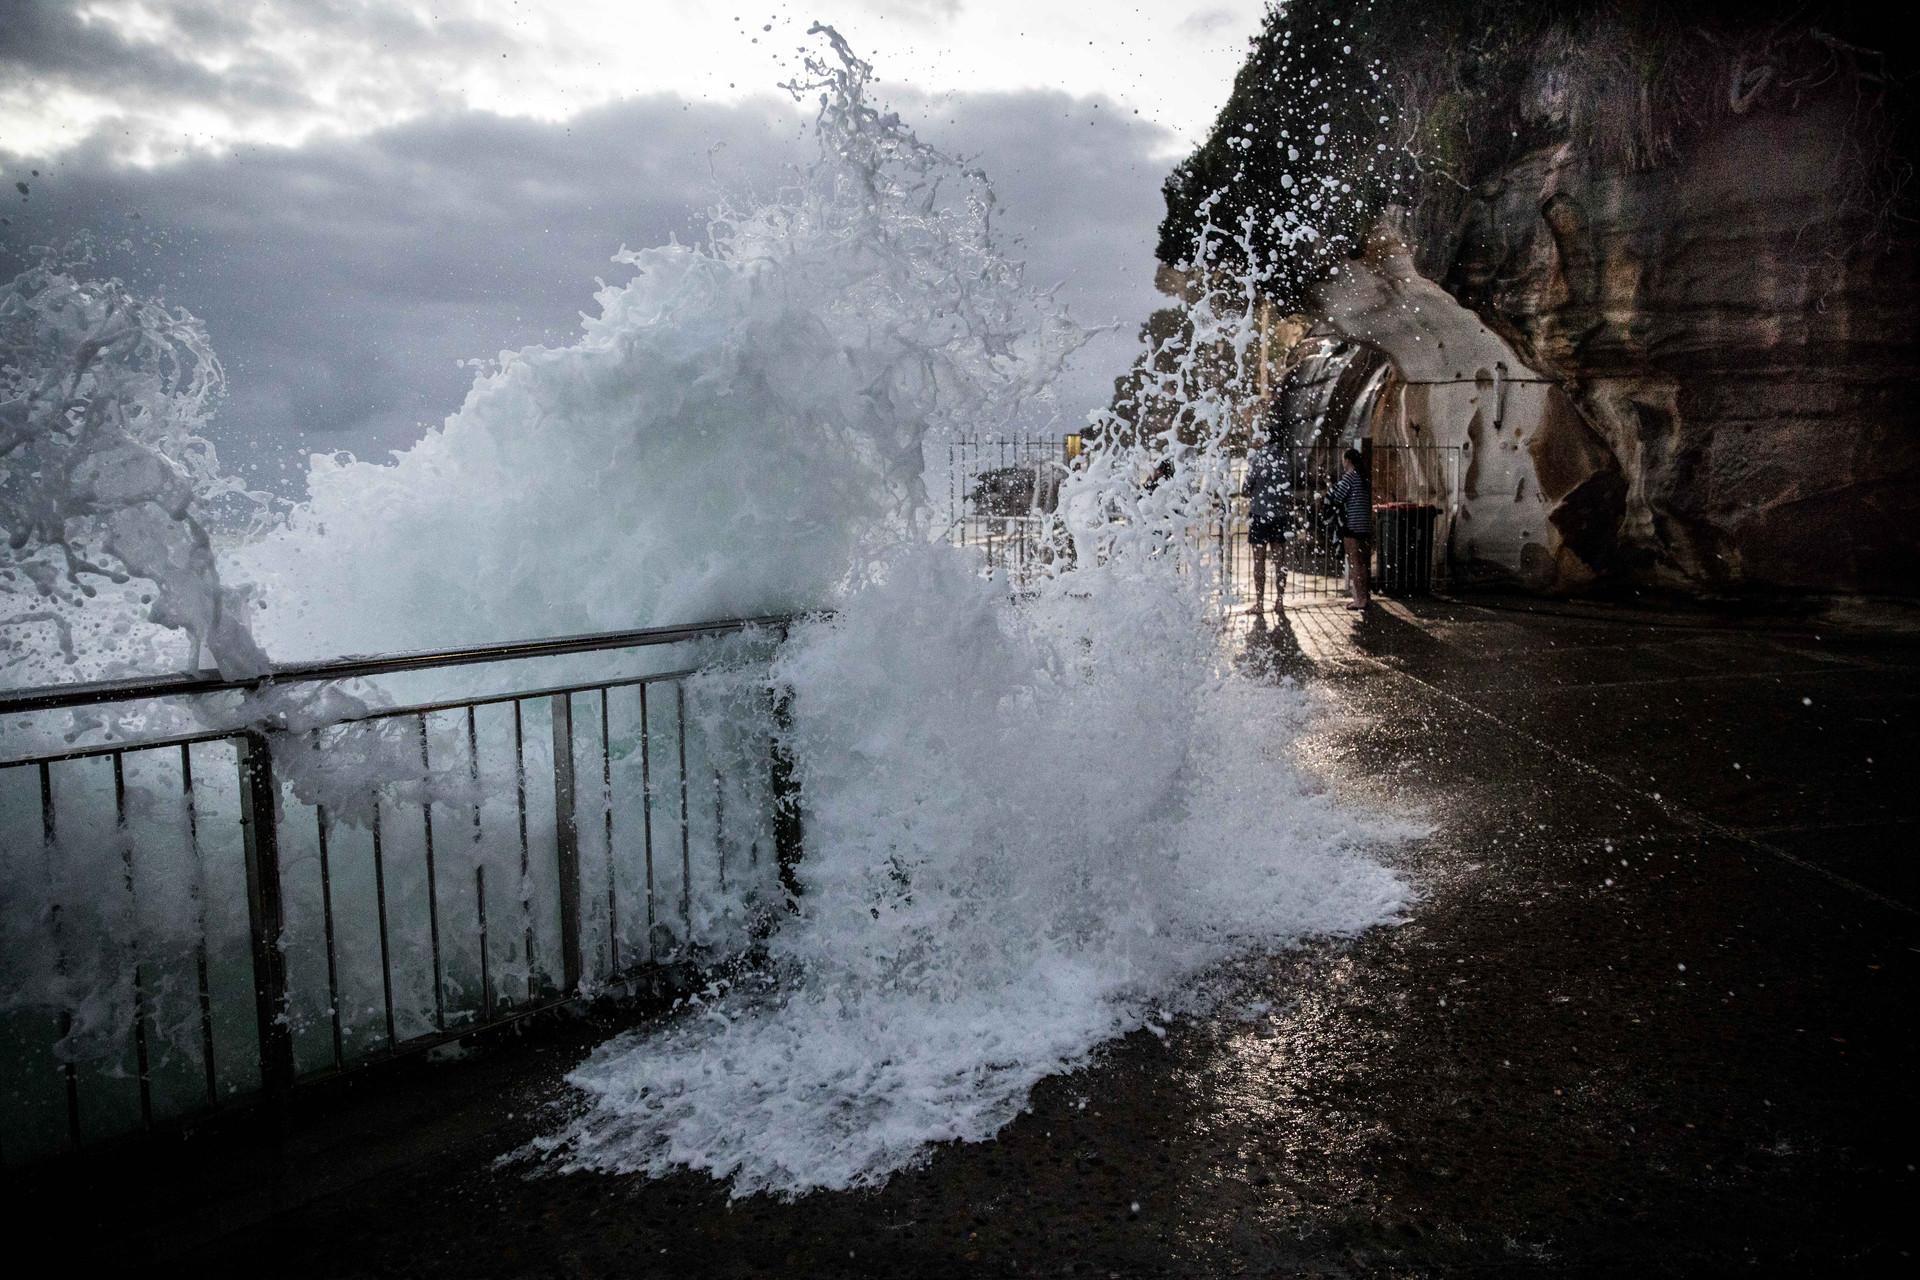 Bronte wave xcrashes railing